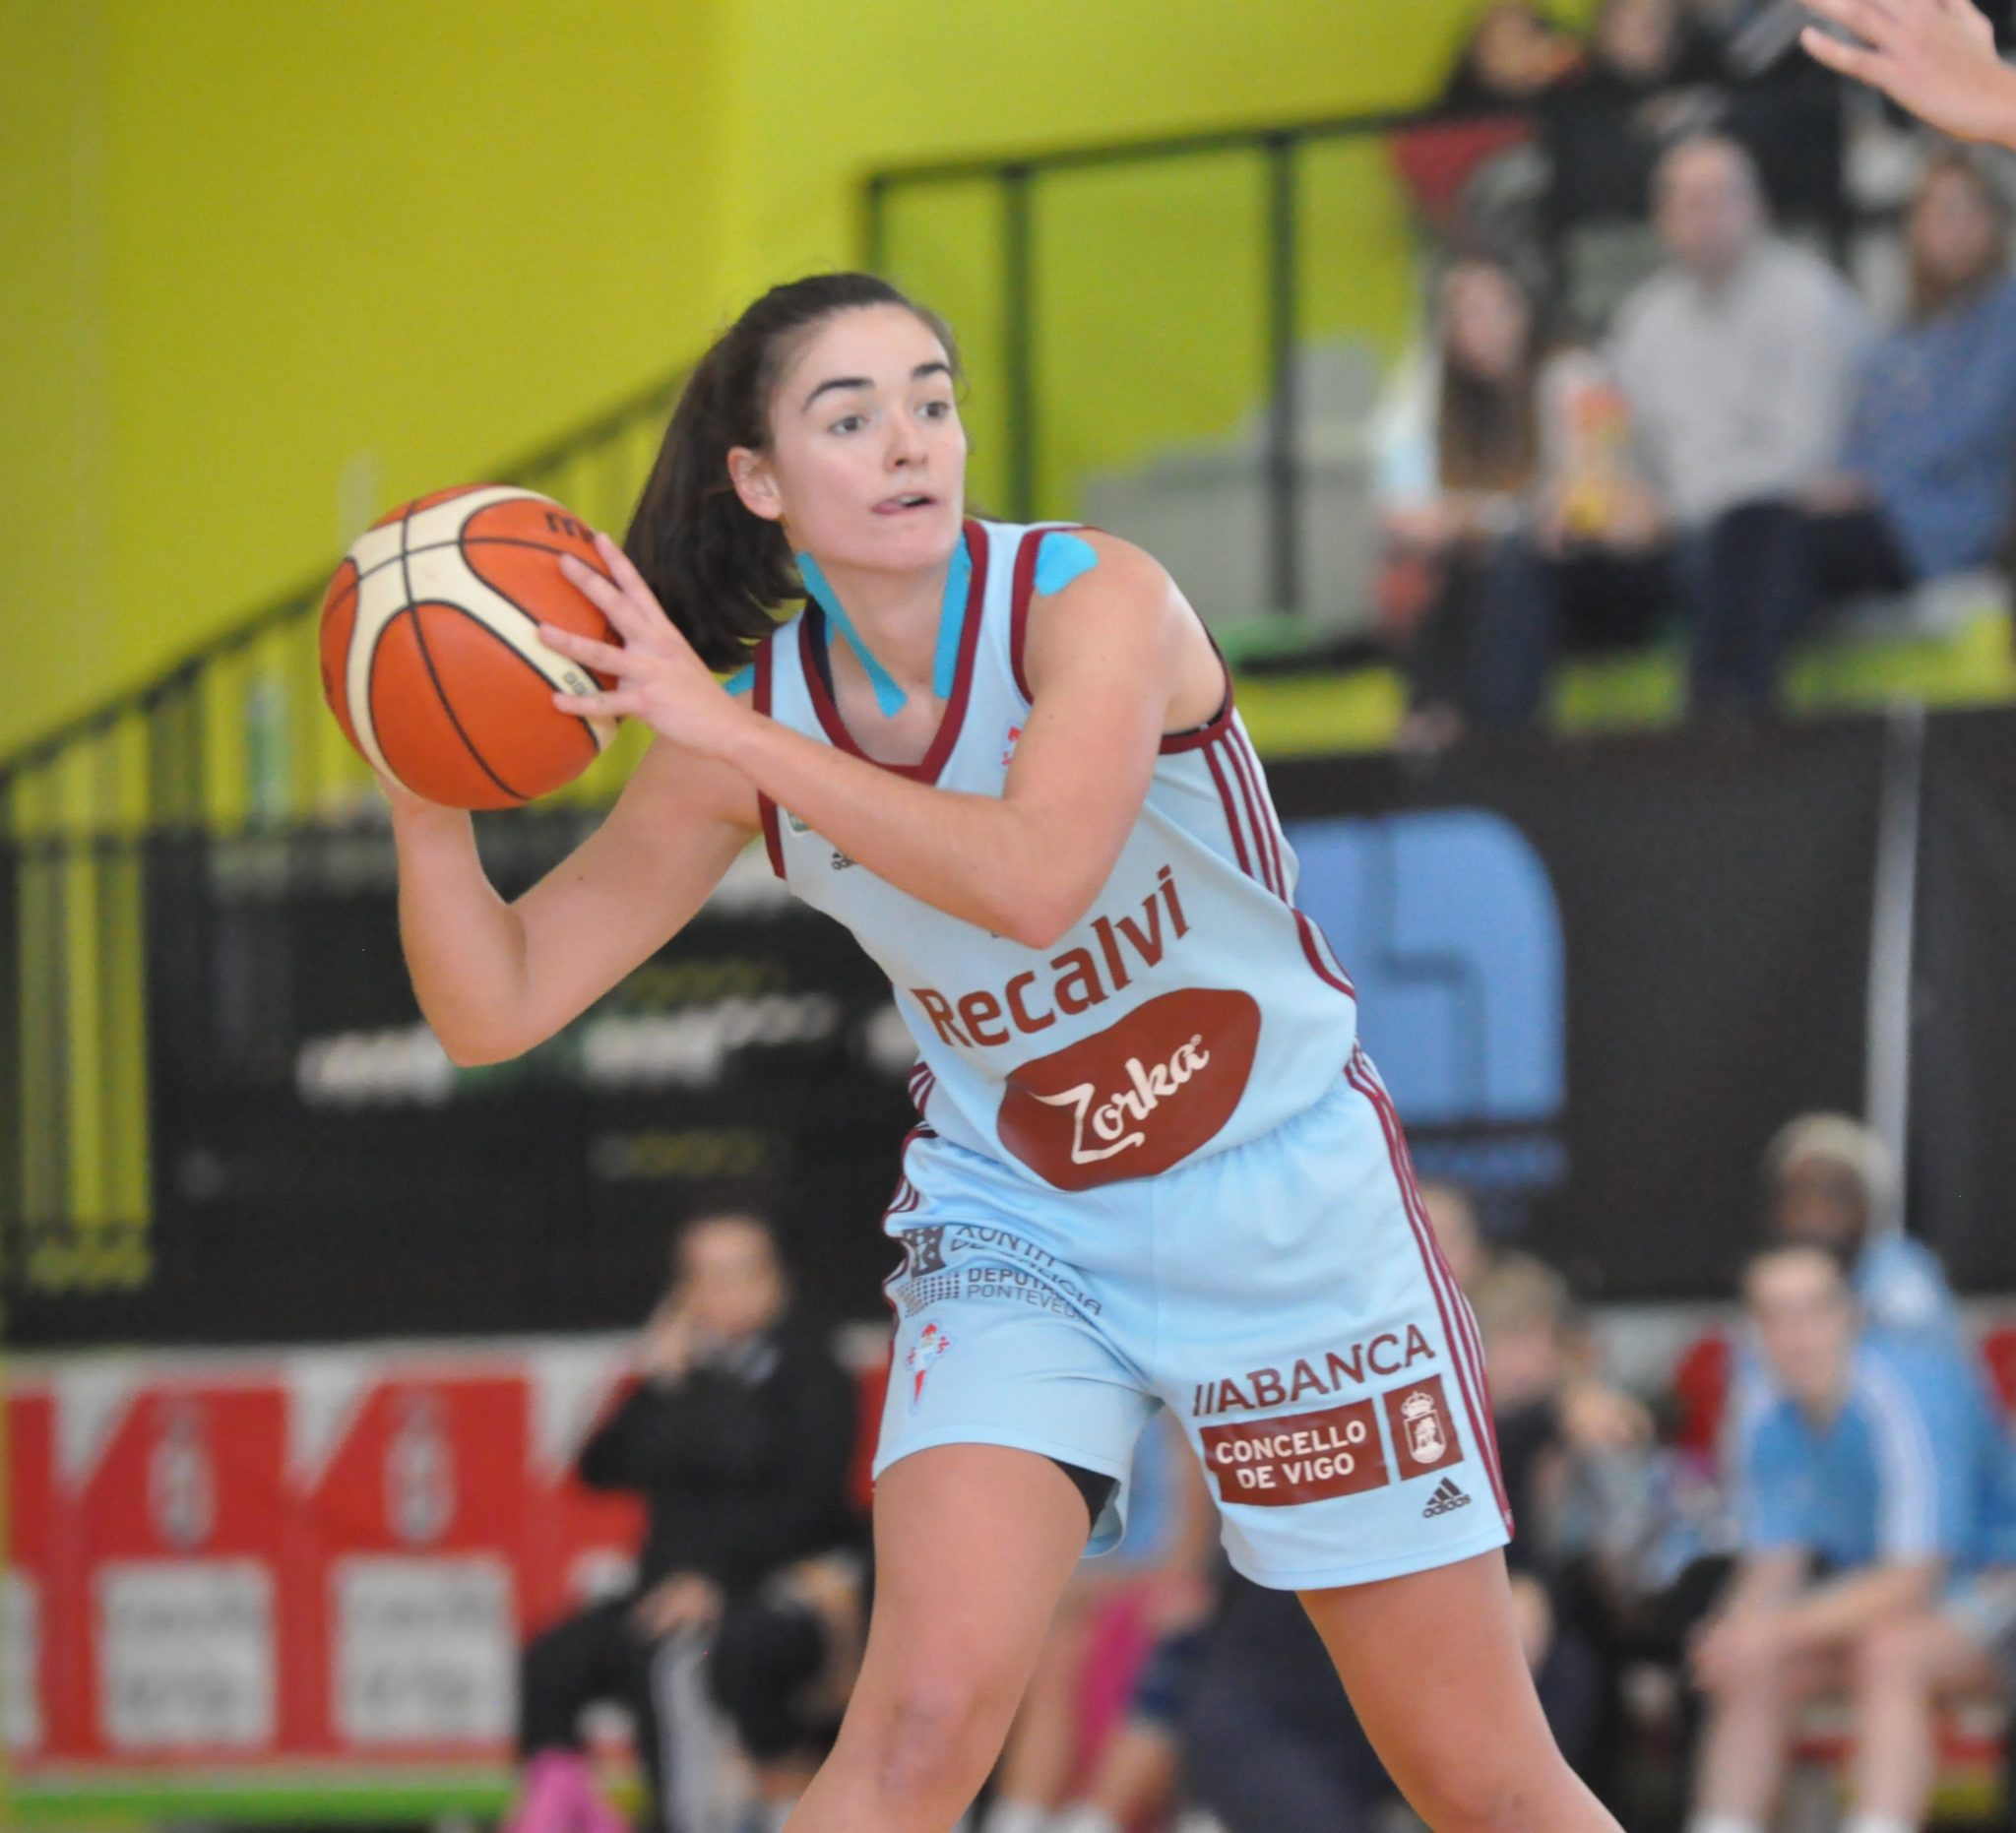 Celia García, a xogadora do Celta Zorka Recalvi / CELTA BALONCESTO